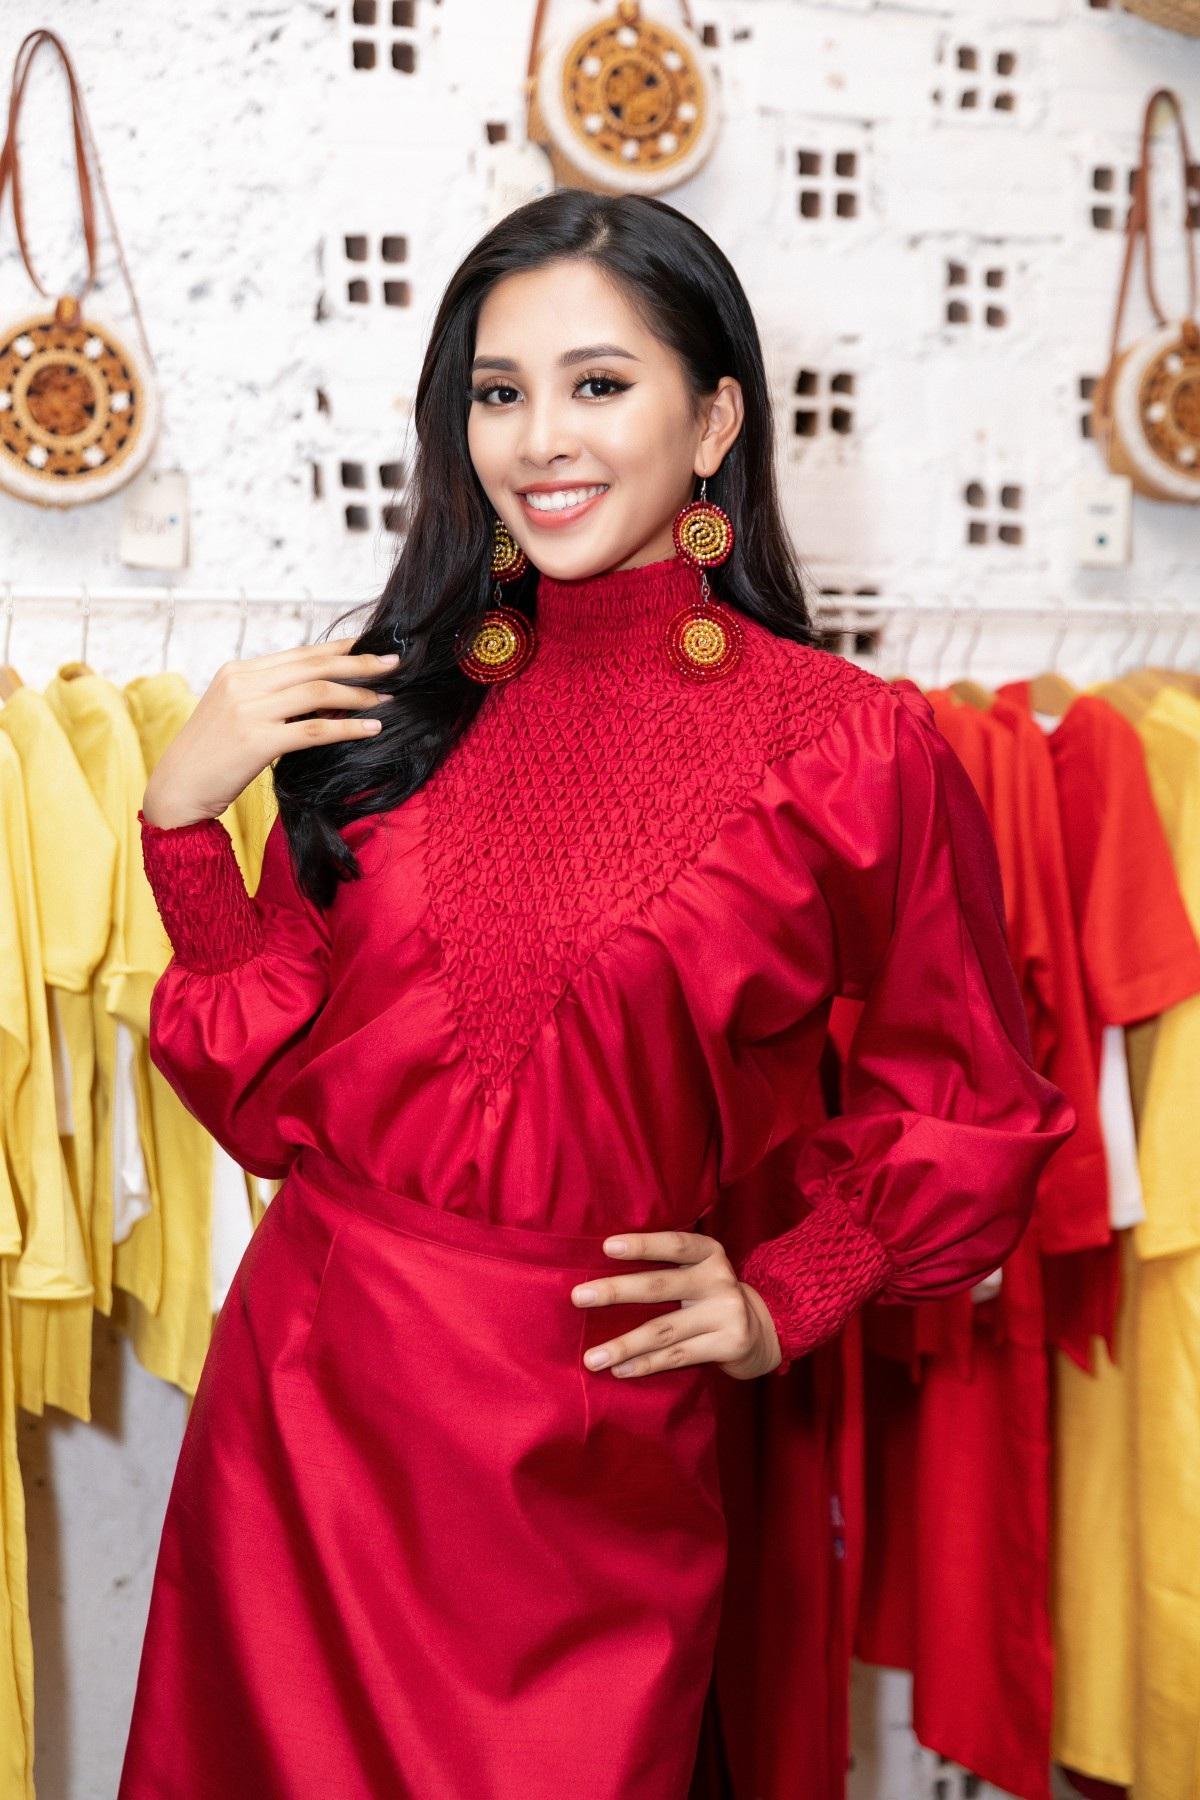 Hoa hậu Tiểu Vy khoe nhan sắc cuốn hút sau Miss World 2018 - Ảnh 1.